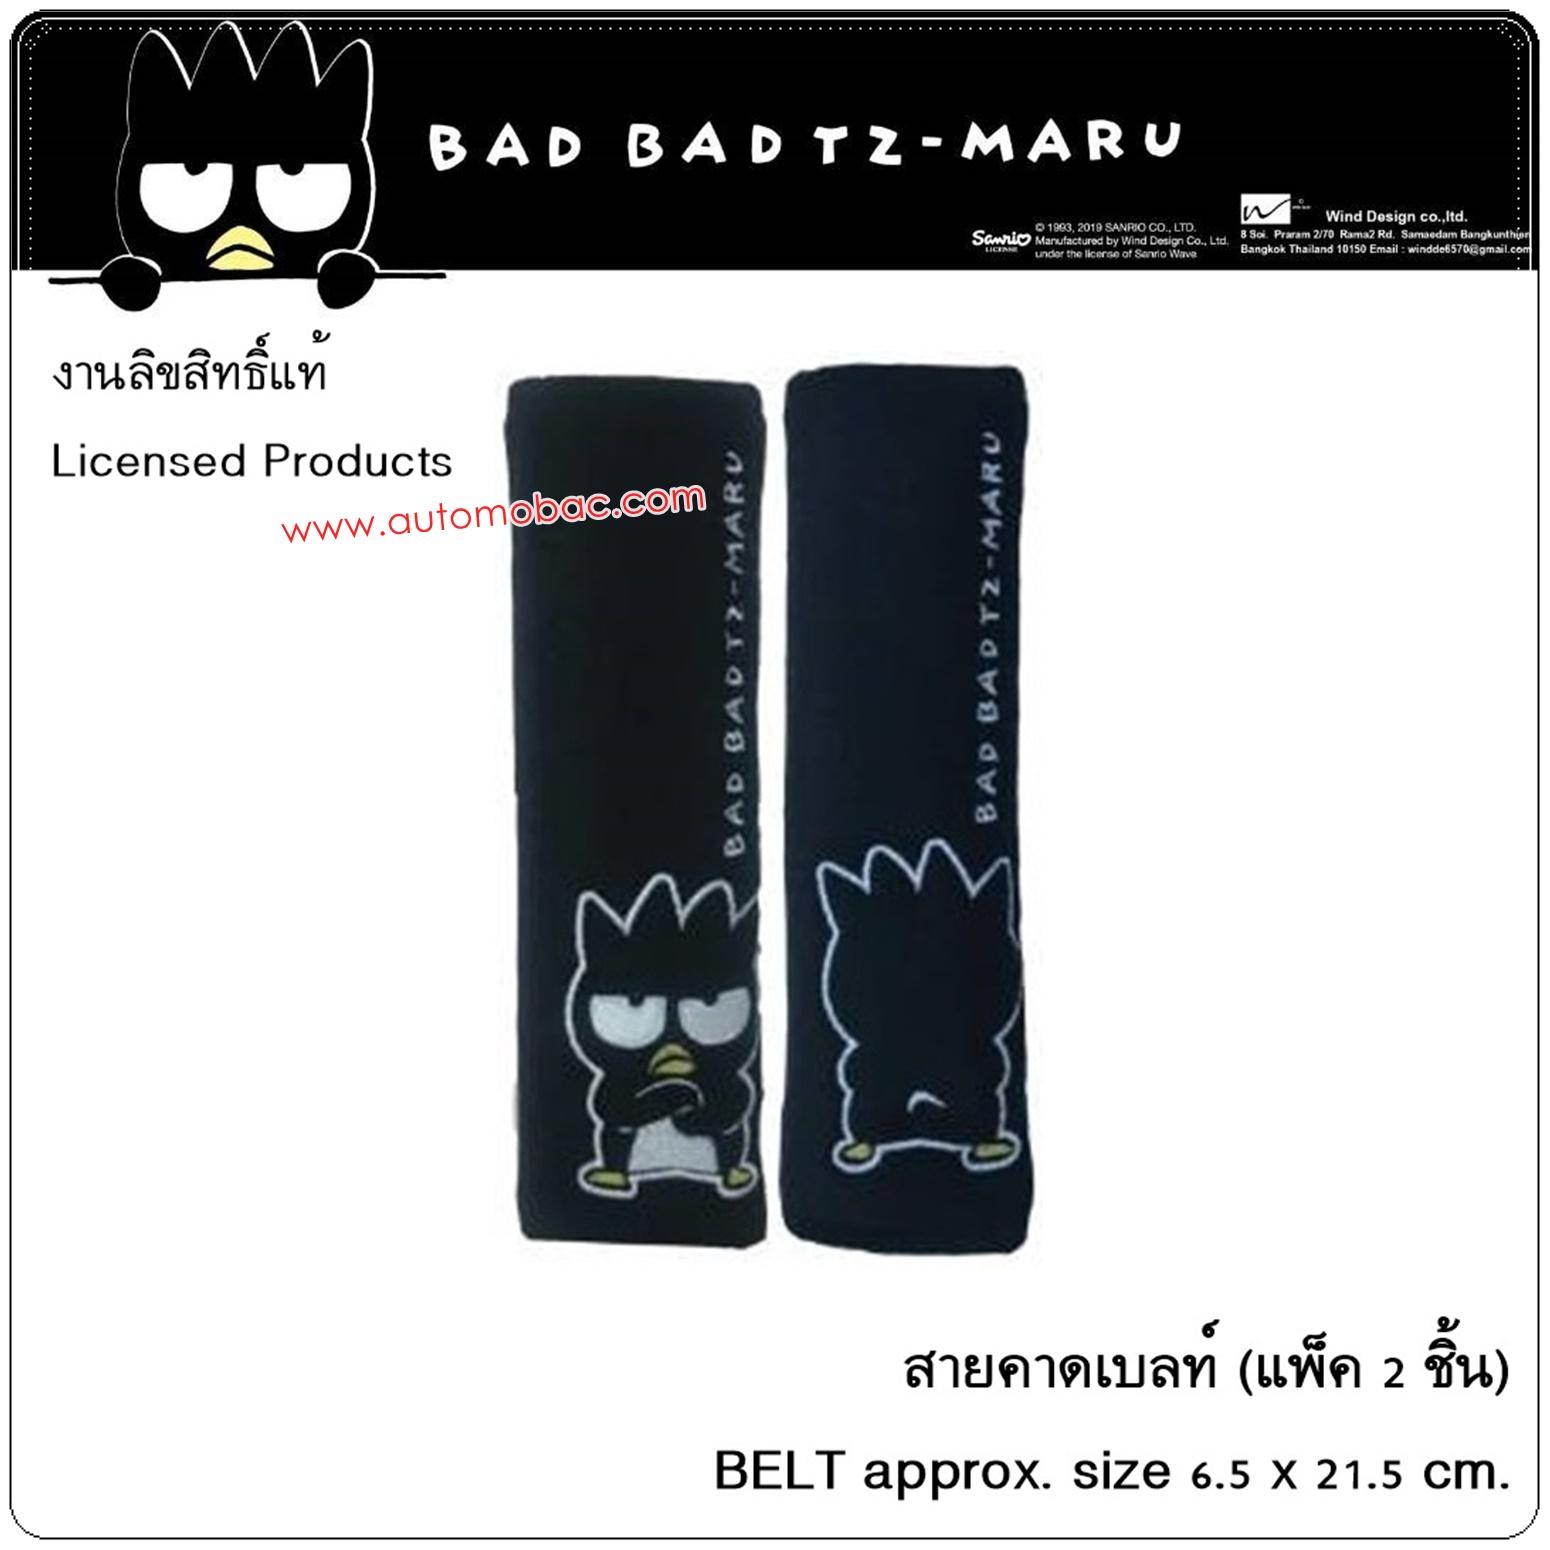 Bad Badtz-Maru BLACK แบดมารุ สีดำ นวมหุ้มเข็มขัดนิรภัย แพ็คคู่ BELT ลิขสิทธิ์แท้